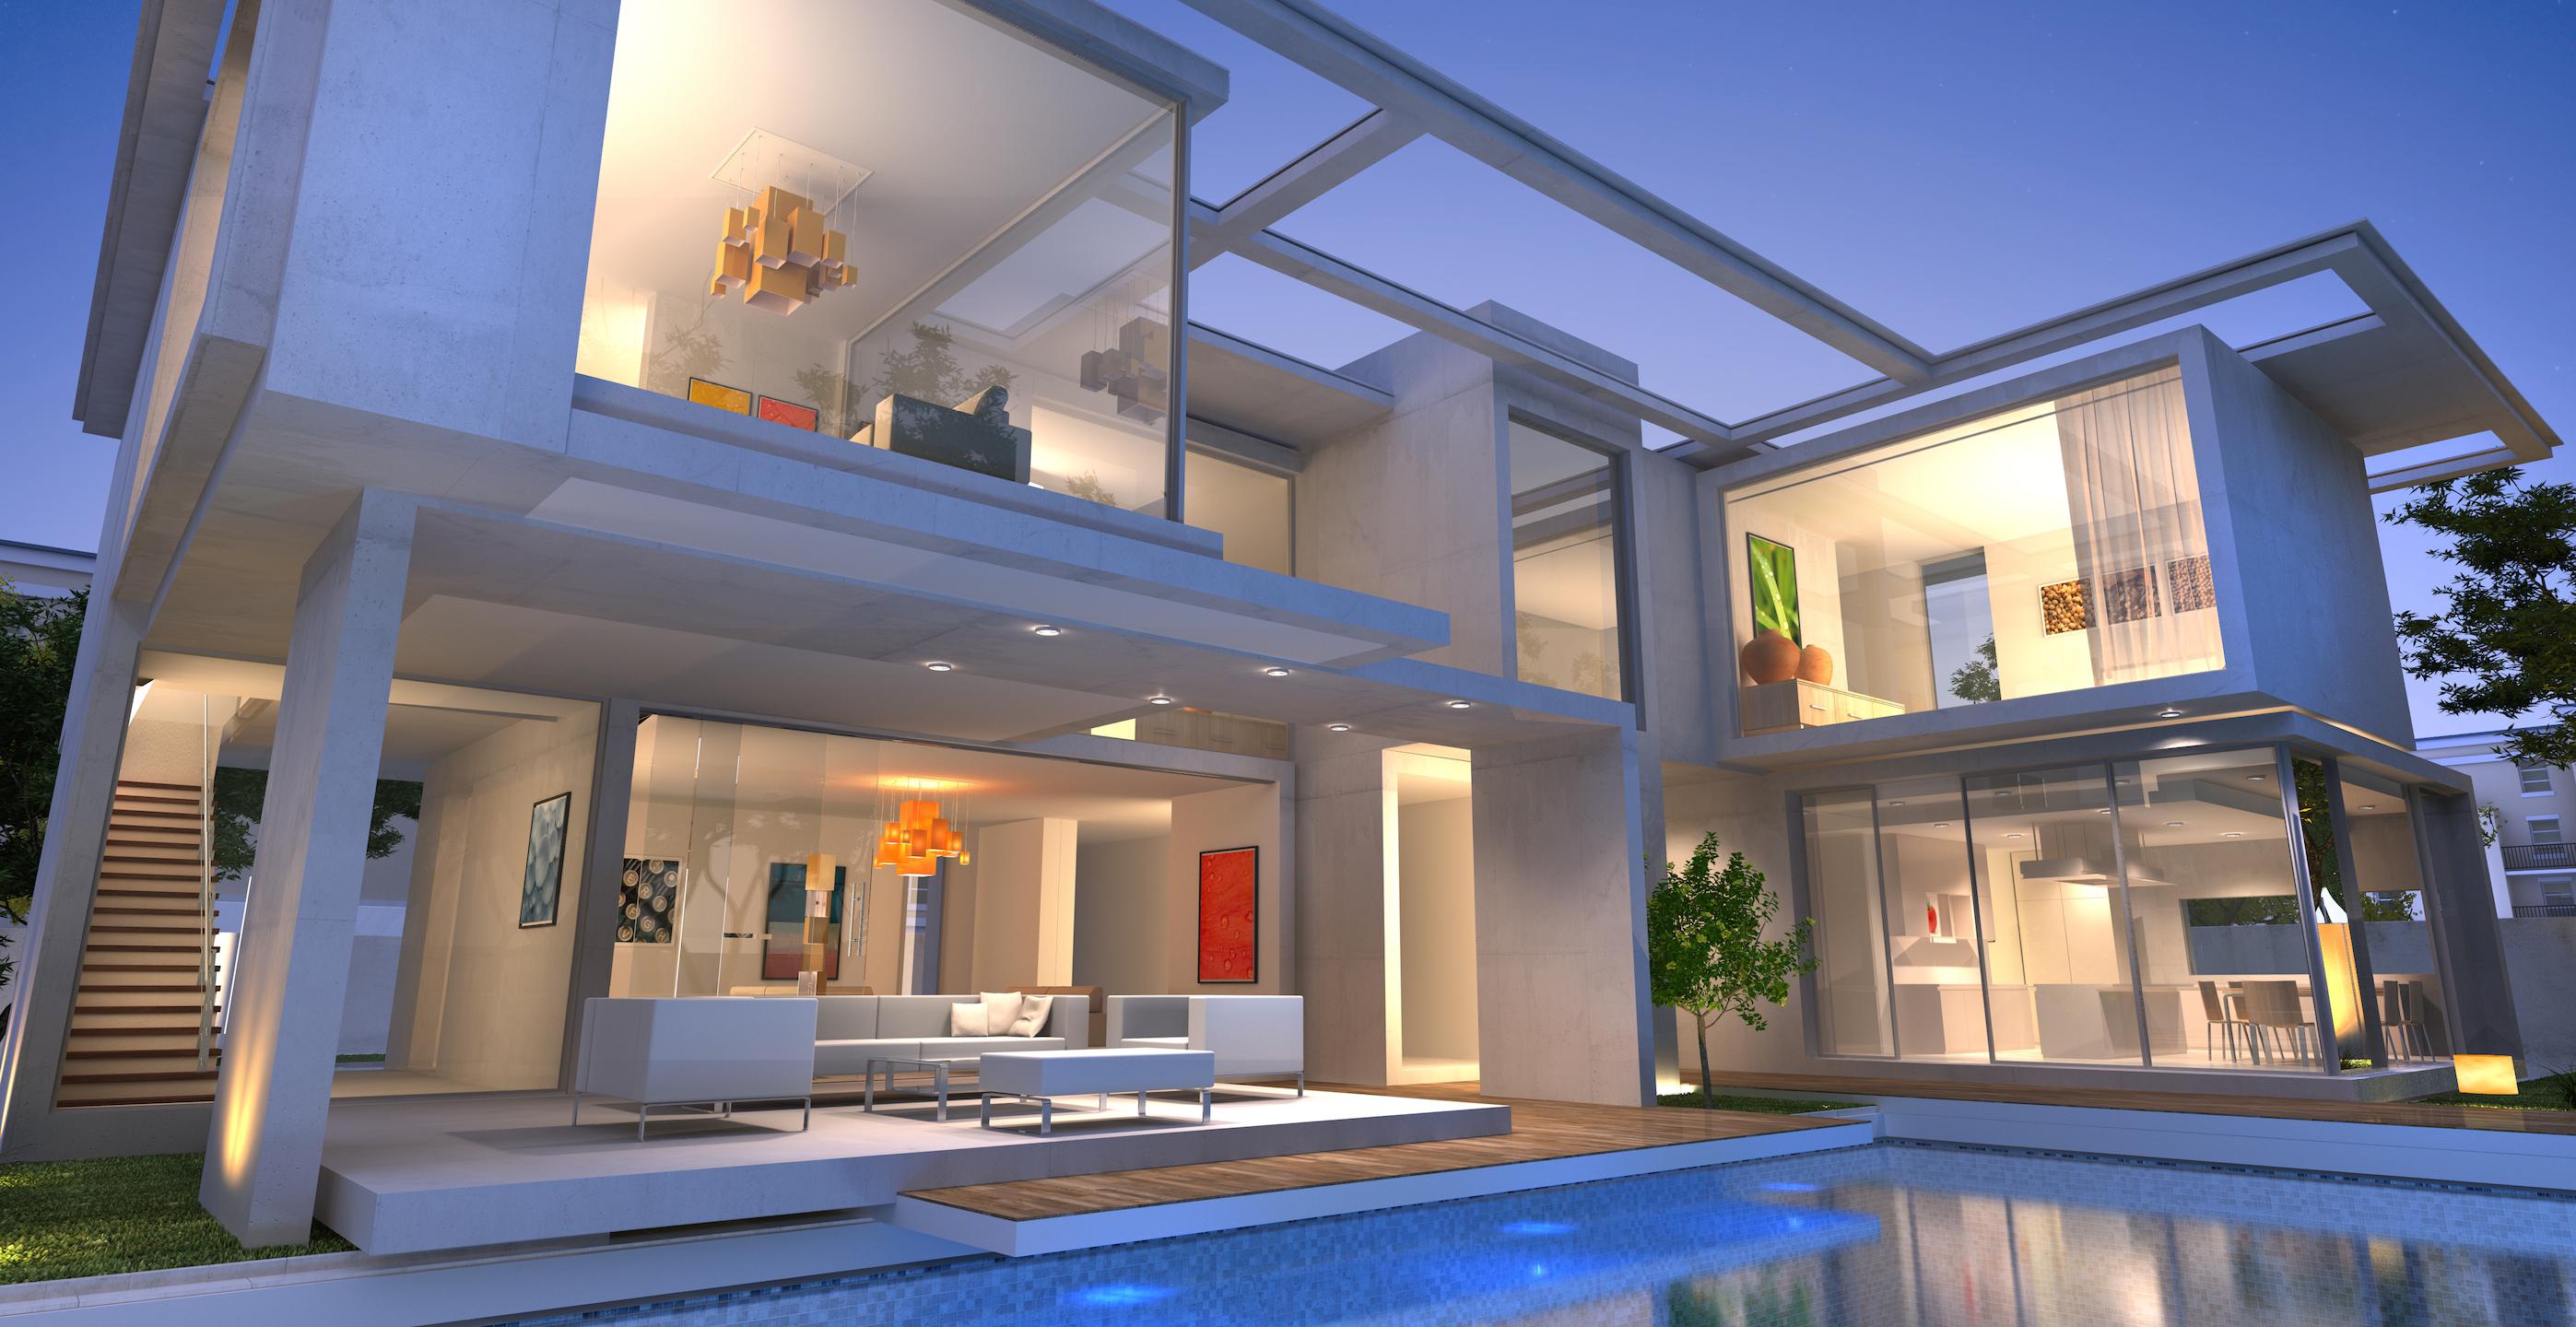 Best Kitchen Gallery: Denver Real Estate Search All Denver Homes Condos Foreclosures of Modern Denver Homes  on rachelxblog.com